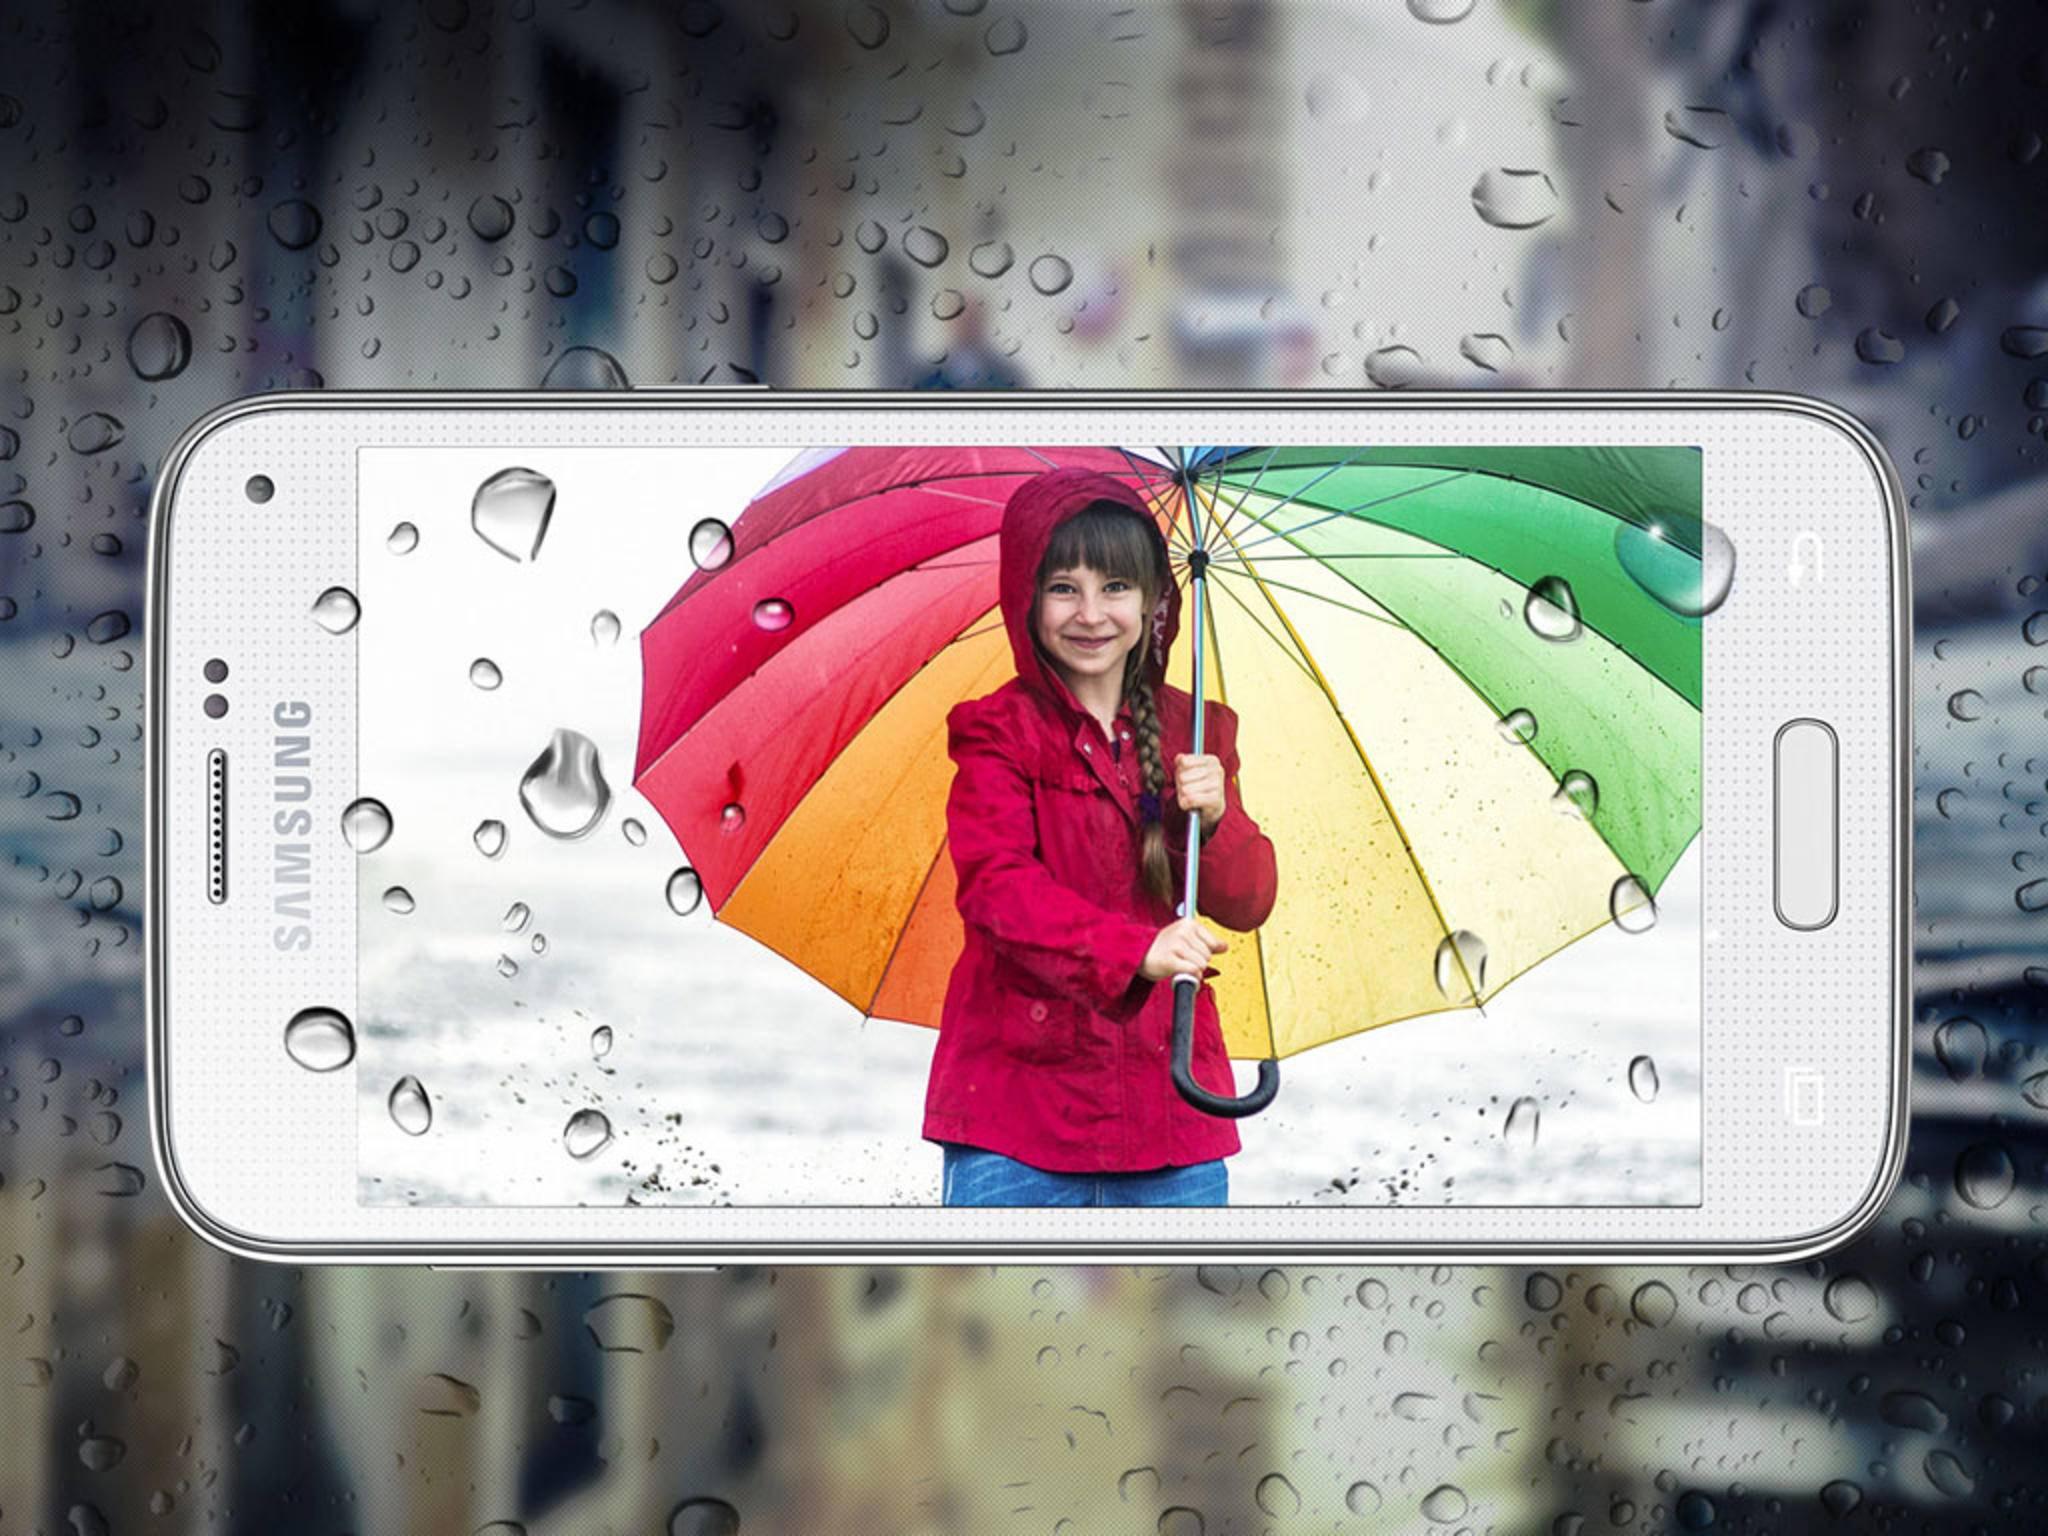 Das Galaxy S5 Mini bekommt wohl demnächst das Marshmallow-Update.